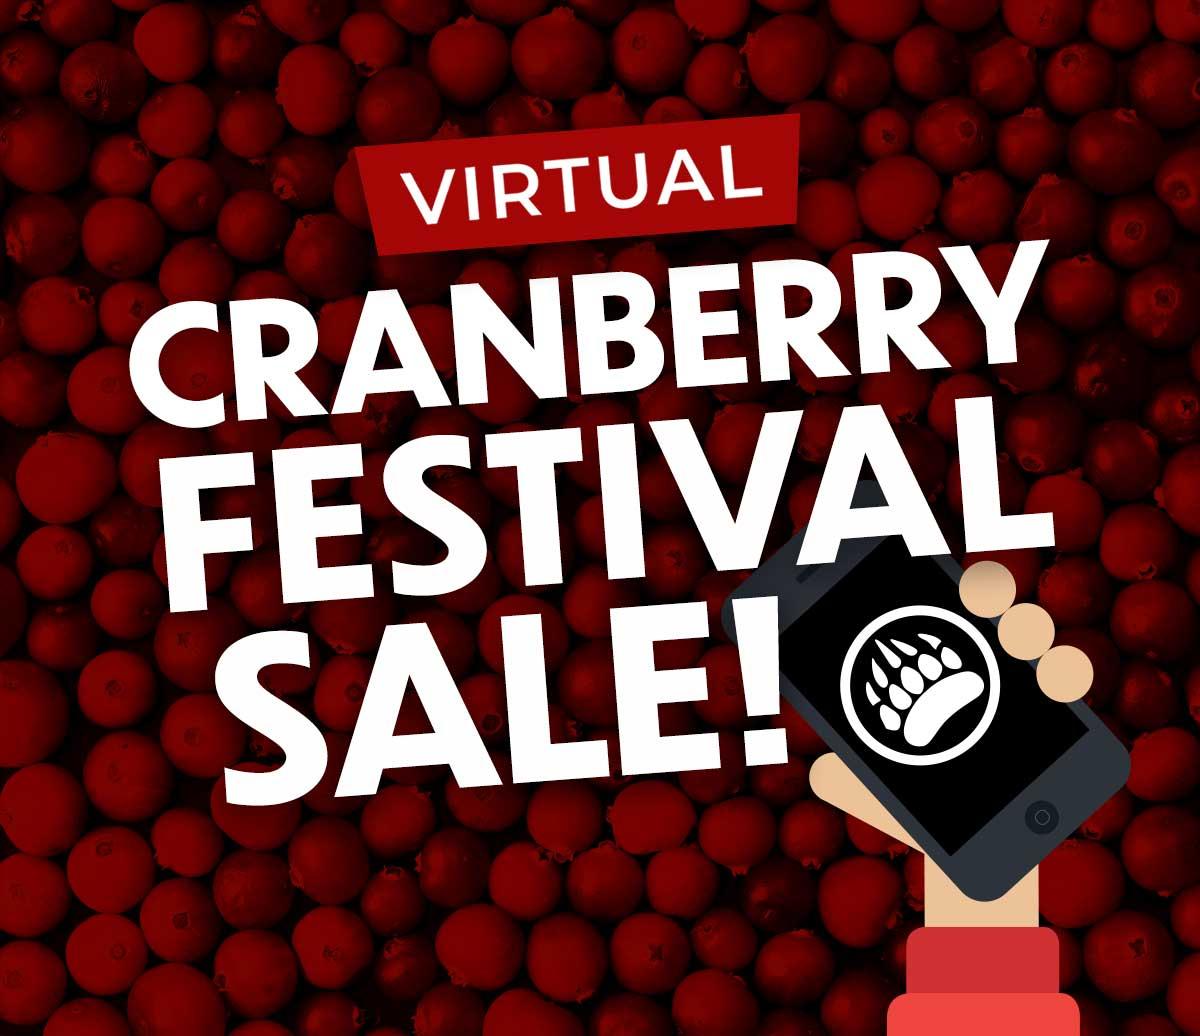 Virtual Cranberry Festival Sale!